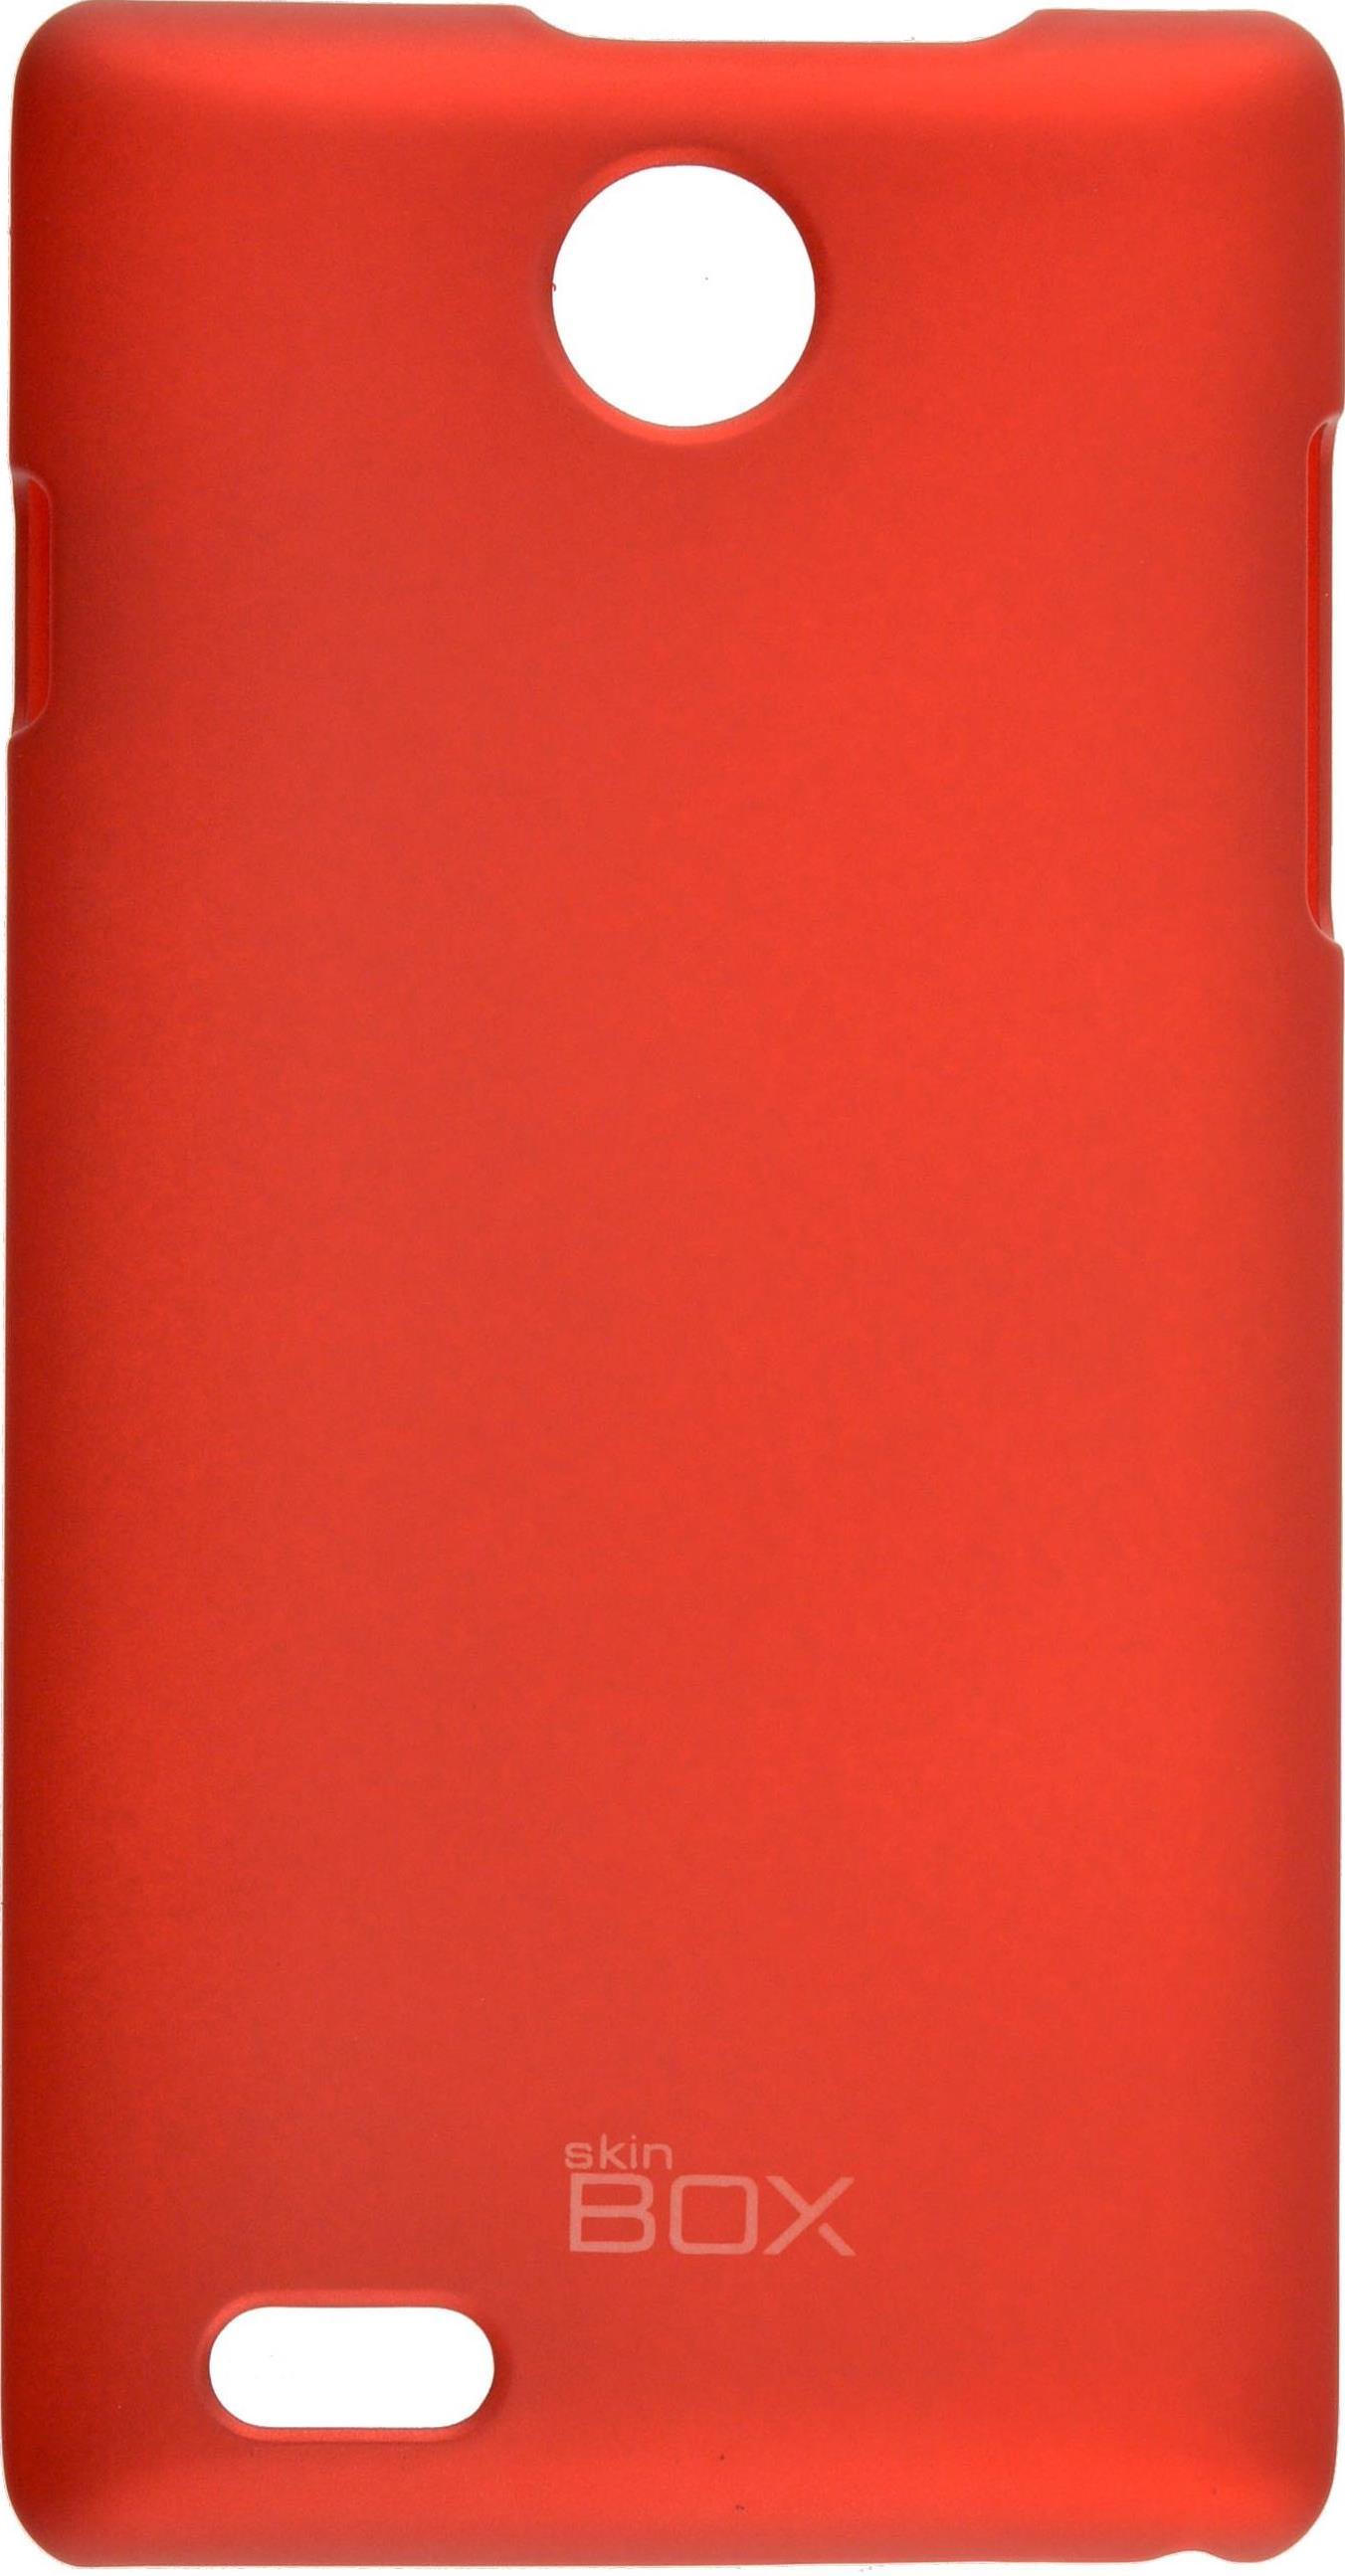 Накладка skinBOX для ZTE v815W, 2000000074658, красный стоимость